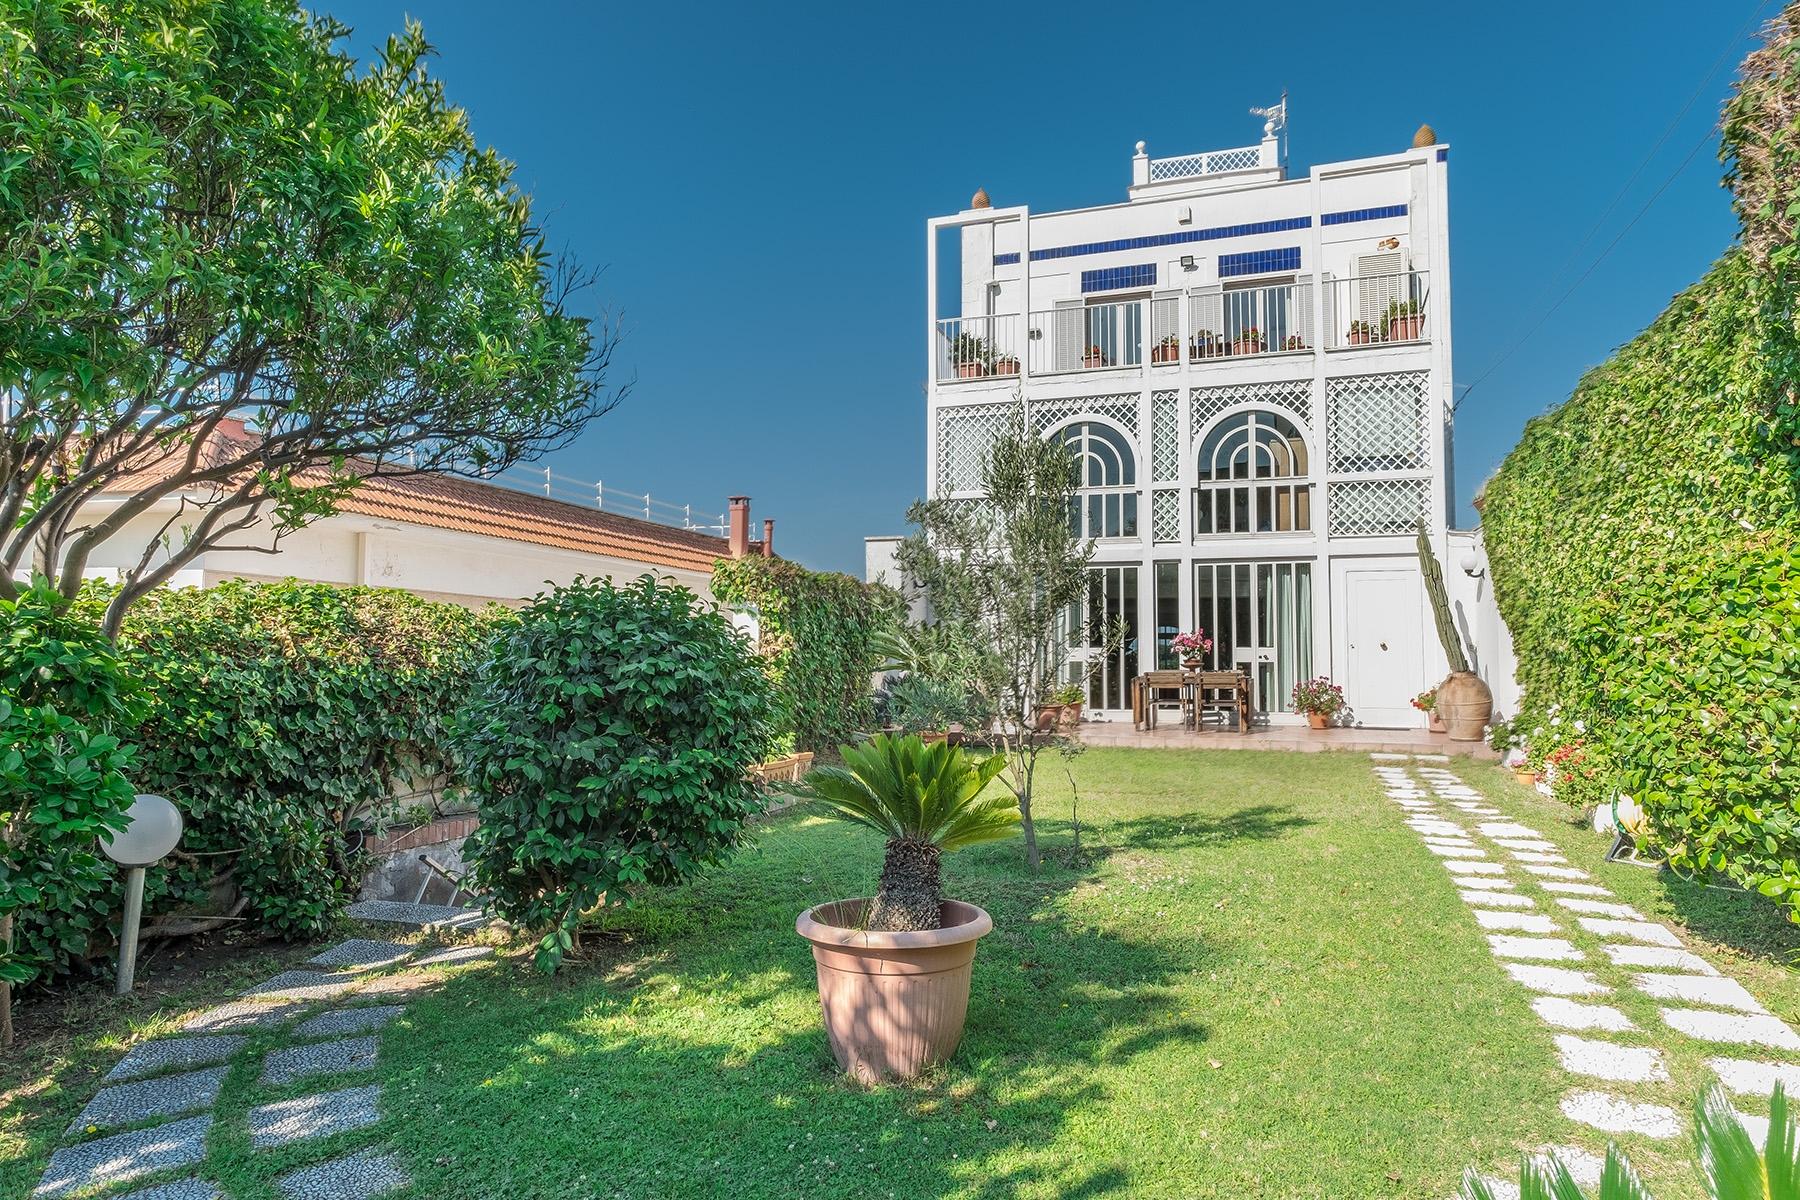 Villa in Vendita a Napoli: 5 locali, 410 mq - Foto 17